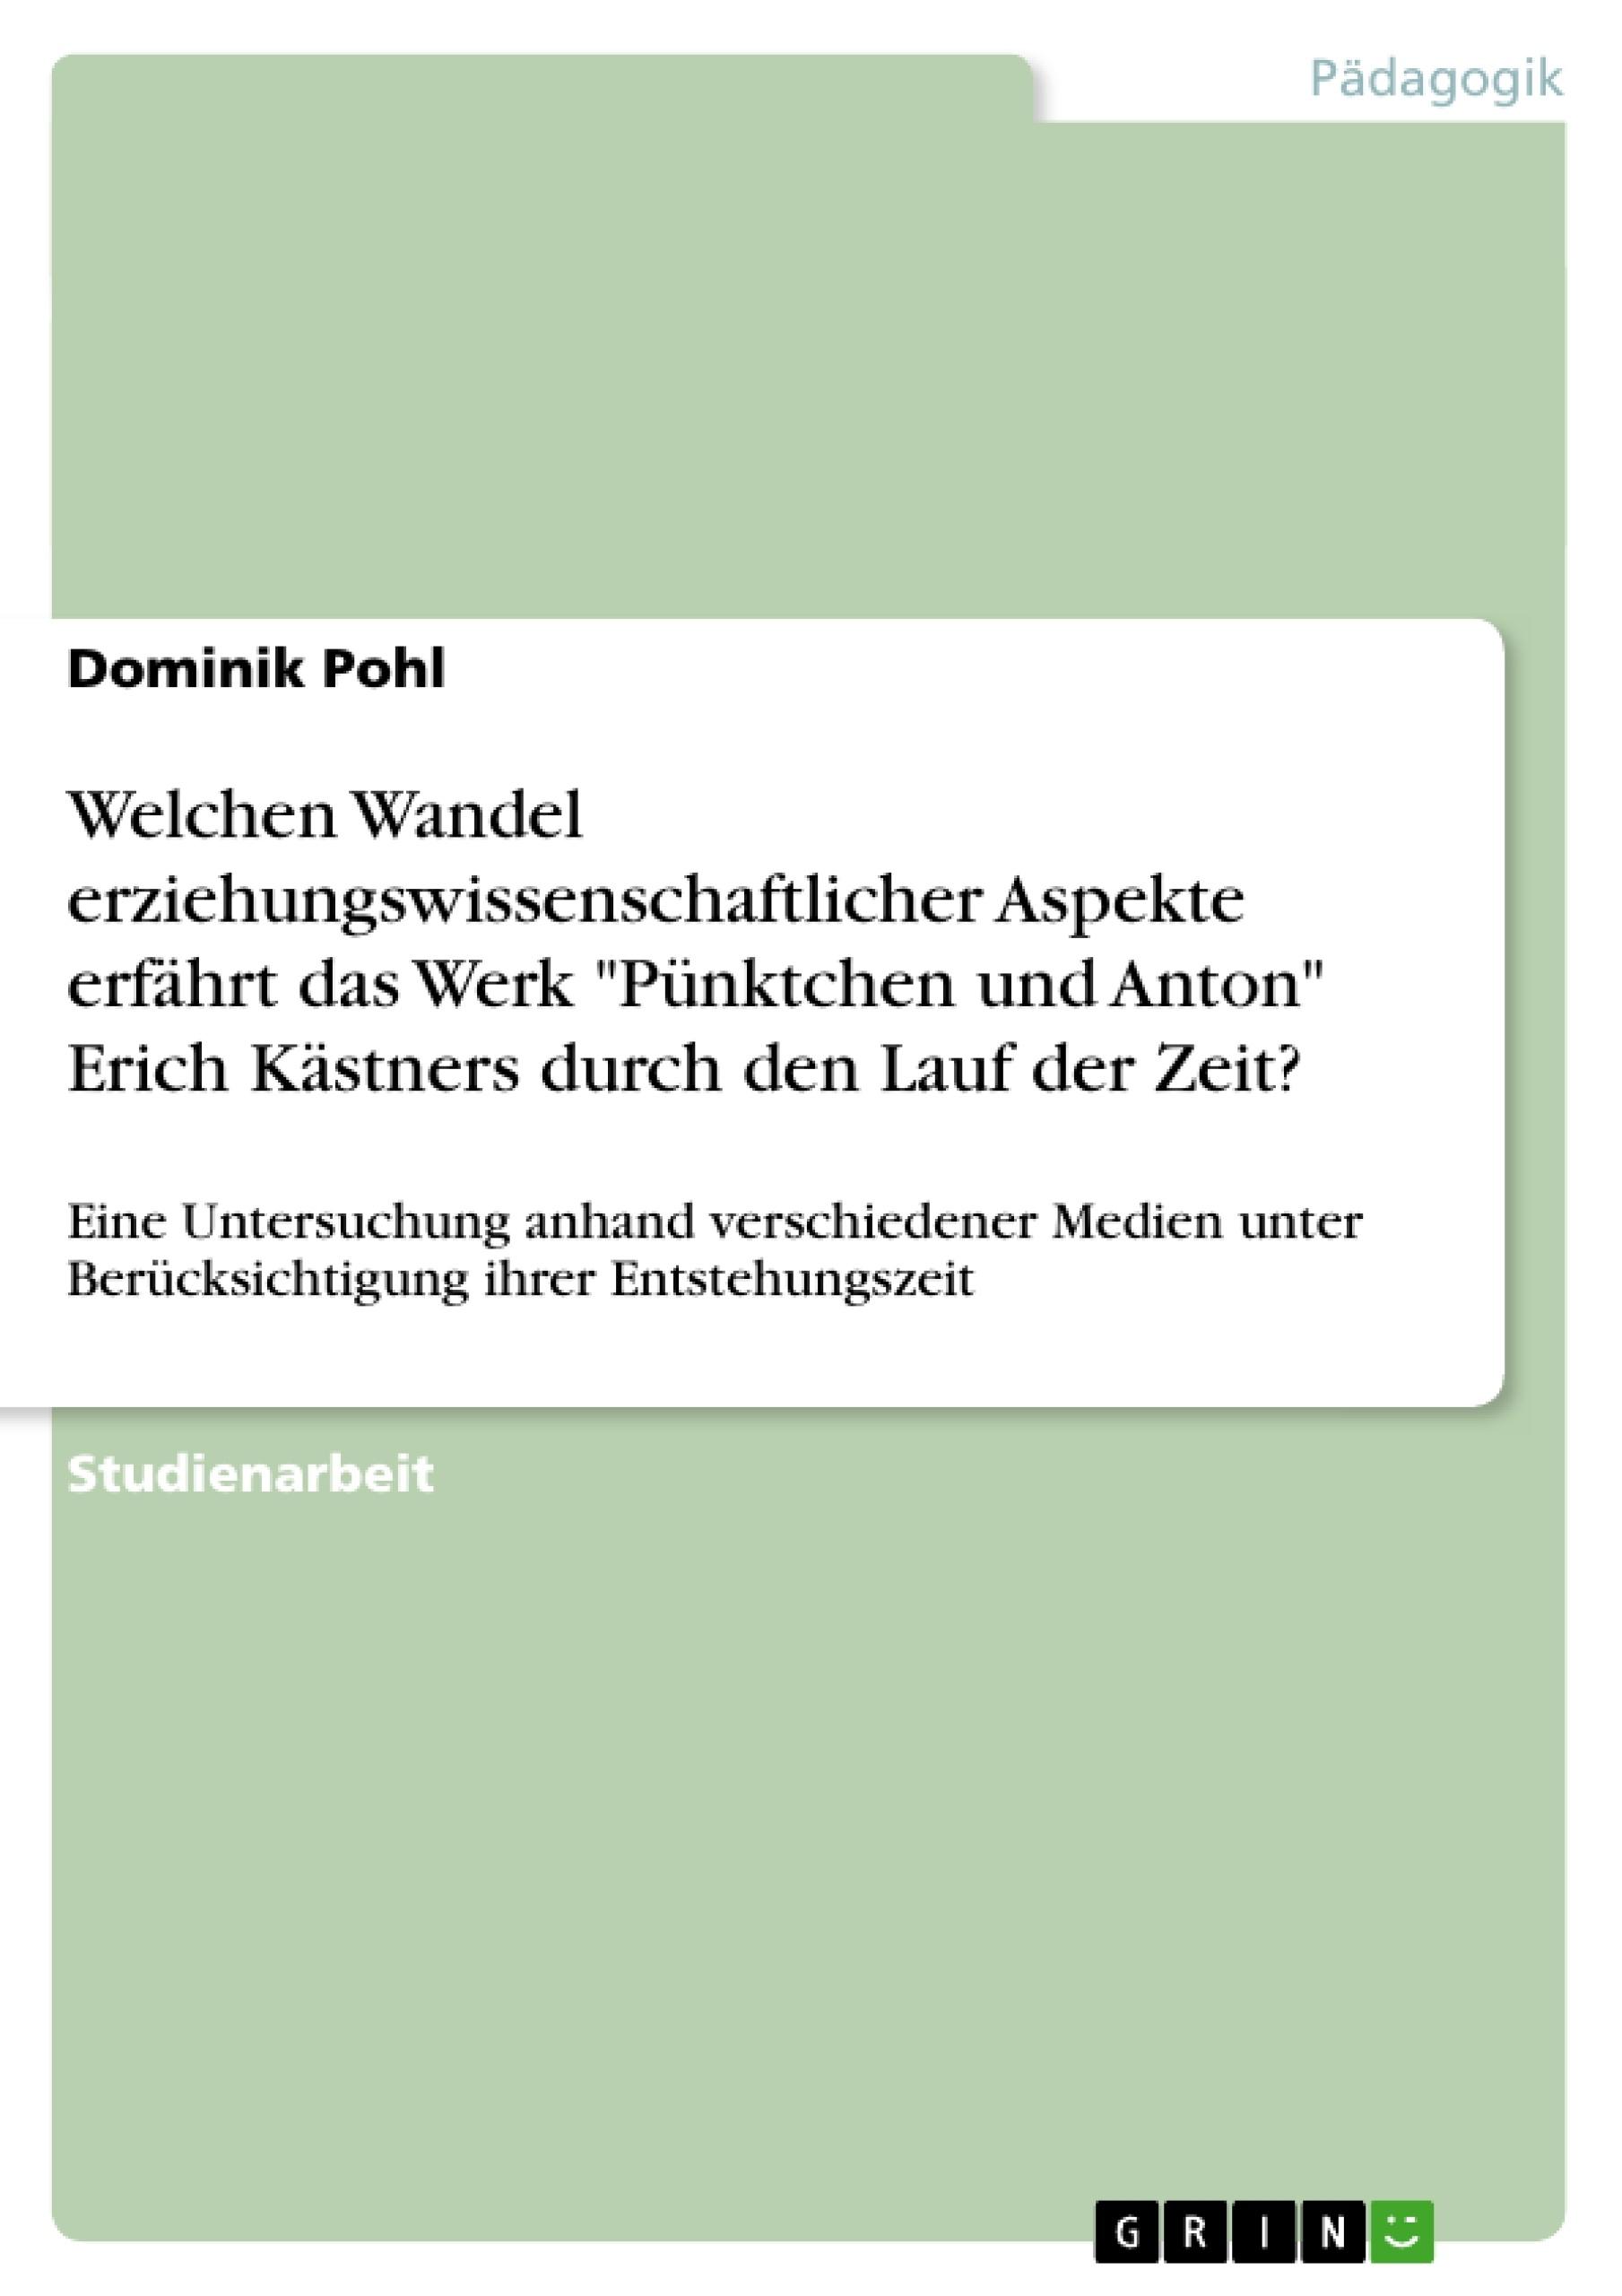 """Titel: Welchen Wandel erziehungswissenschaftlicher Aspekte erfährt das Werk """"Pünktchen und Anton"""" Erich Kästners durch den Lauf der Zeit?"""